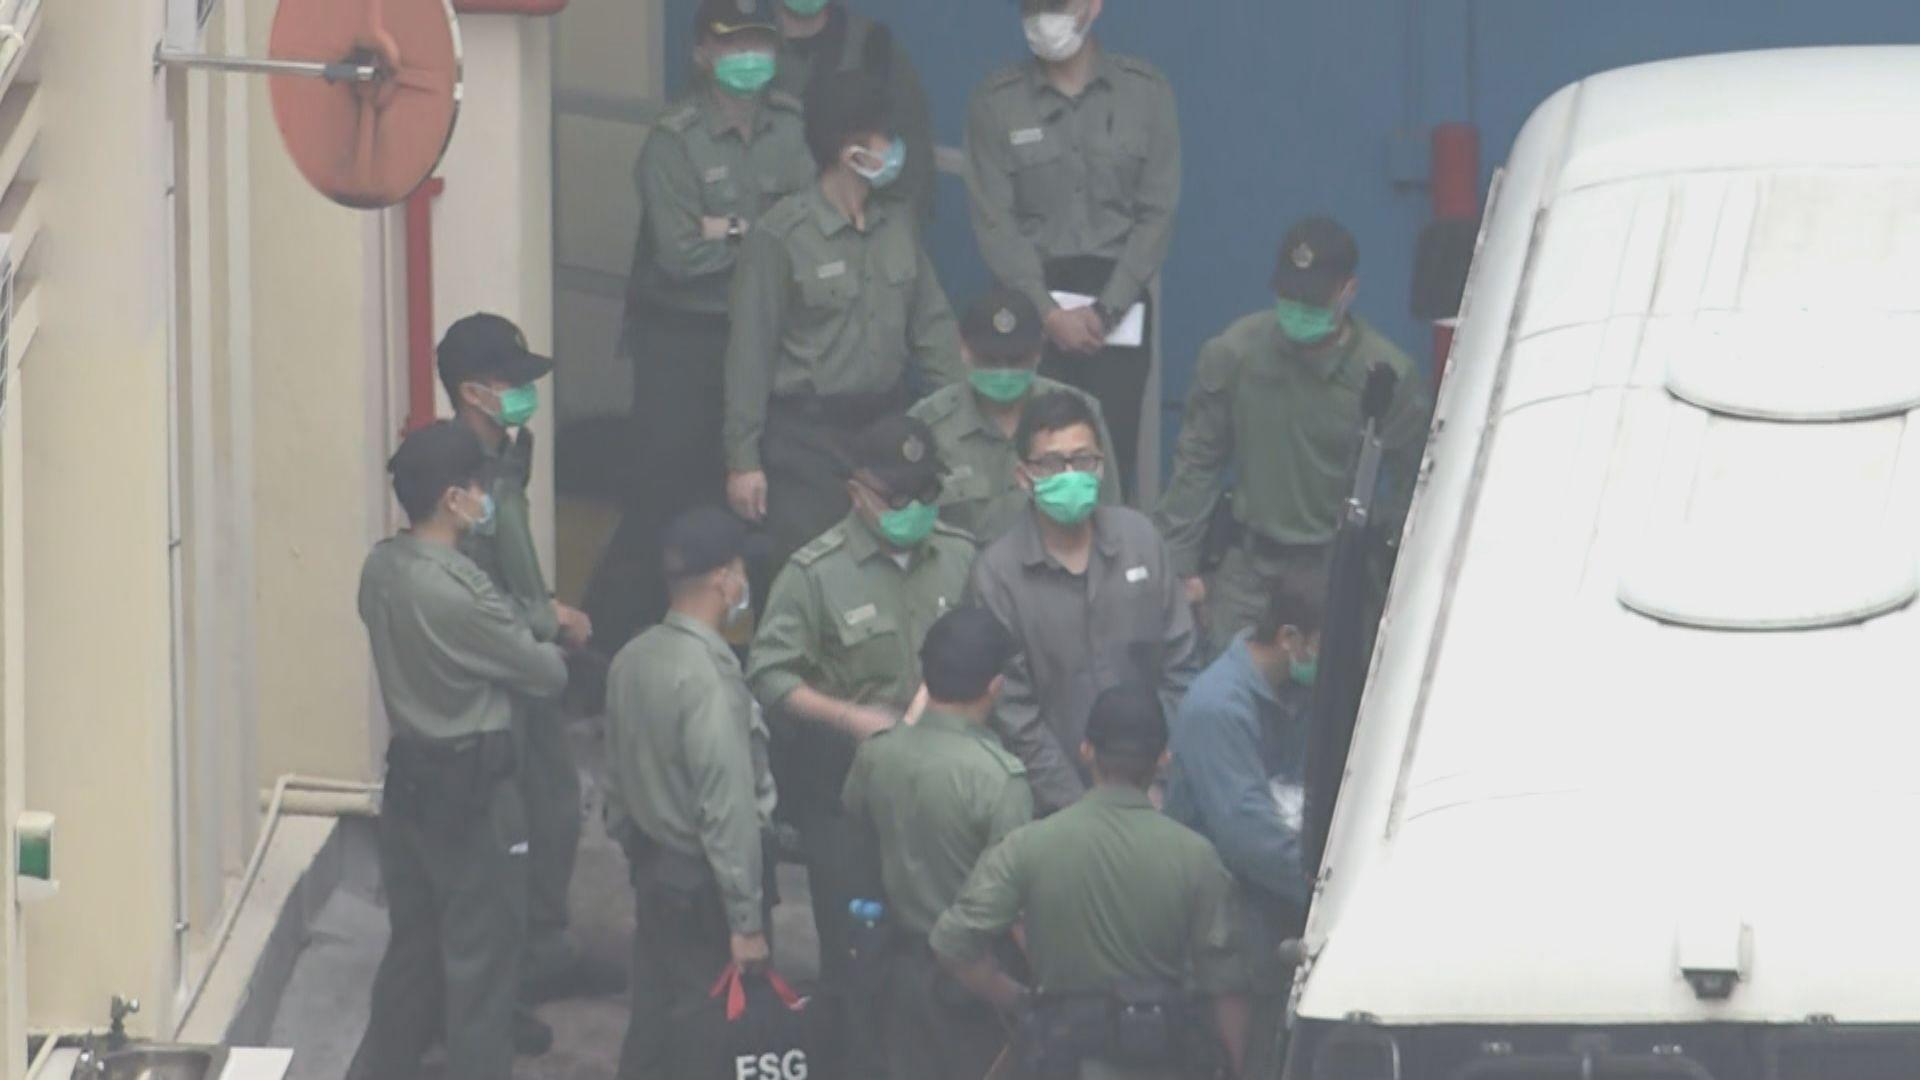 初選案部分被告轉到赤柱監獄關押 家屬日內未能探訪